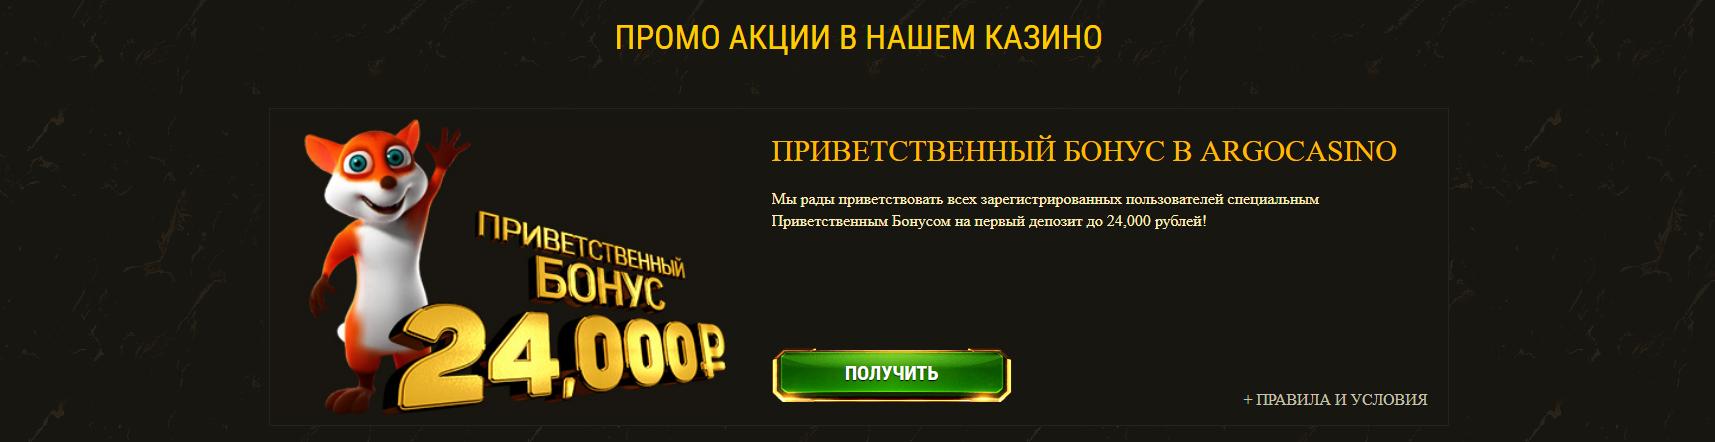 Арго казино бонус